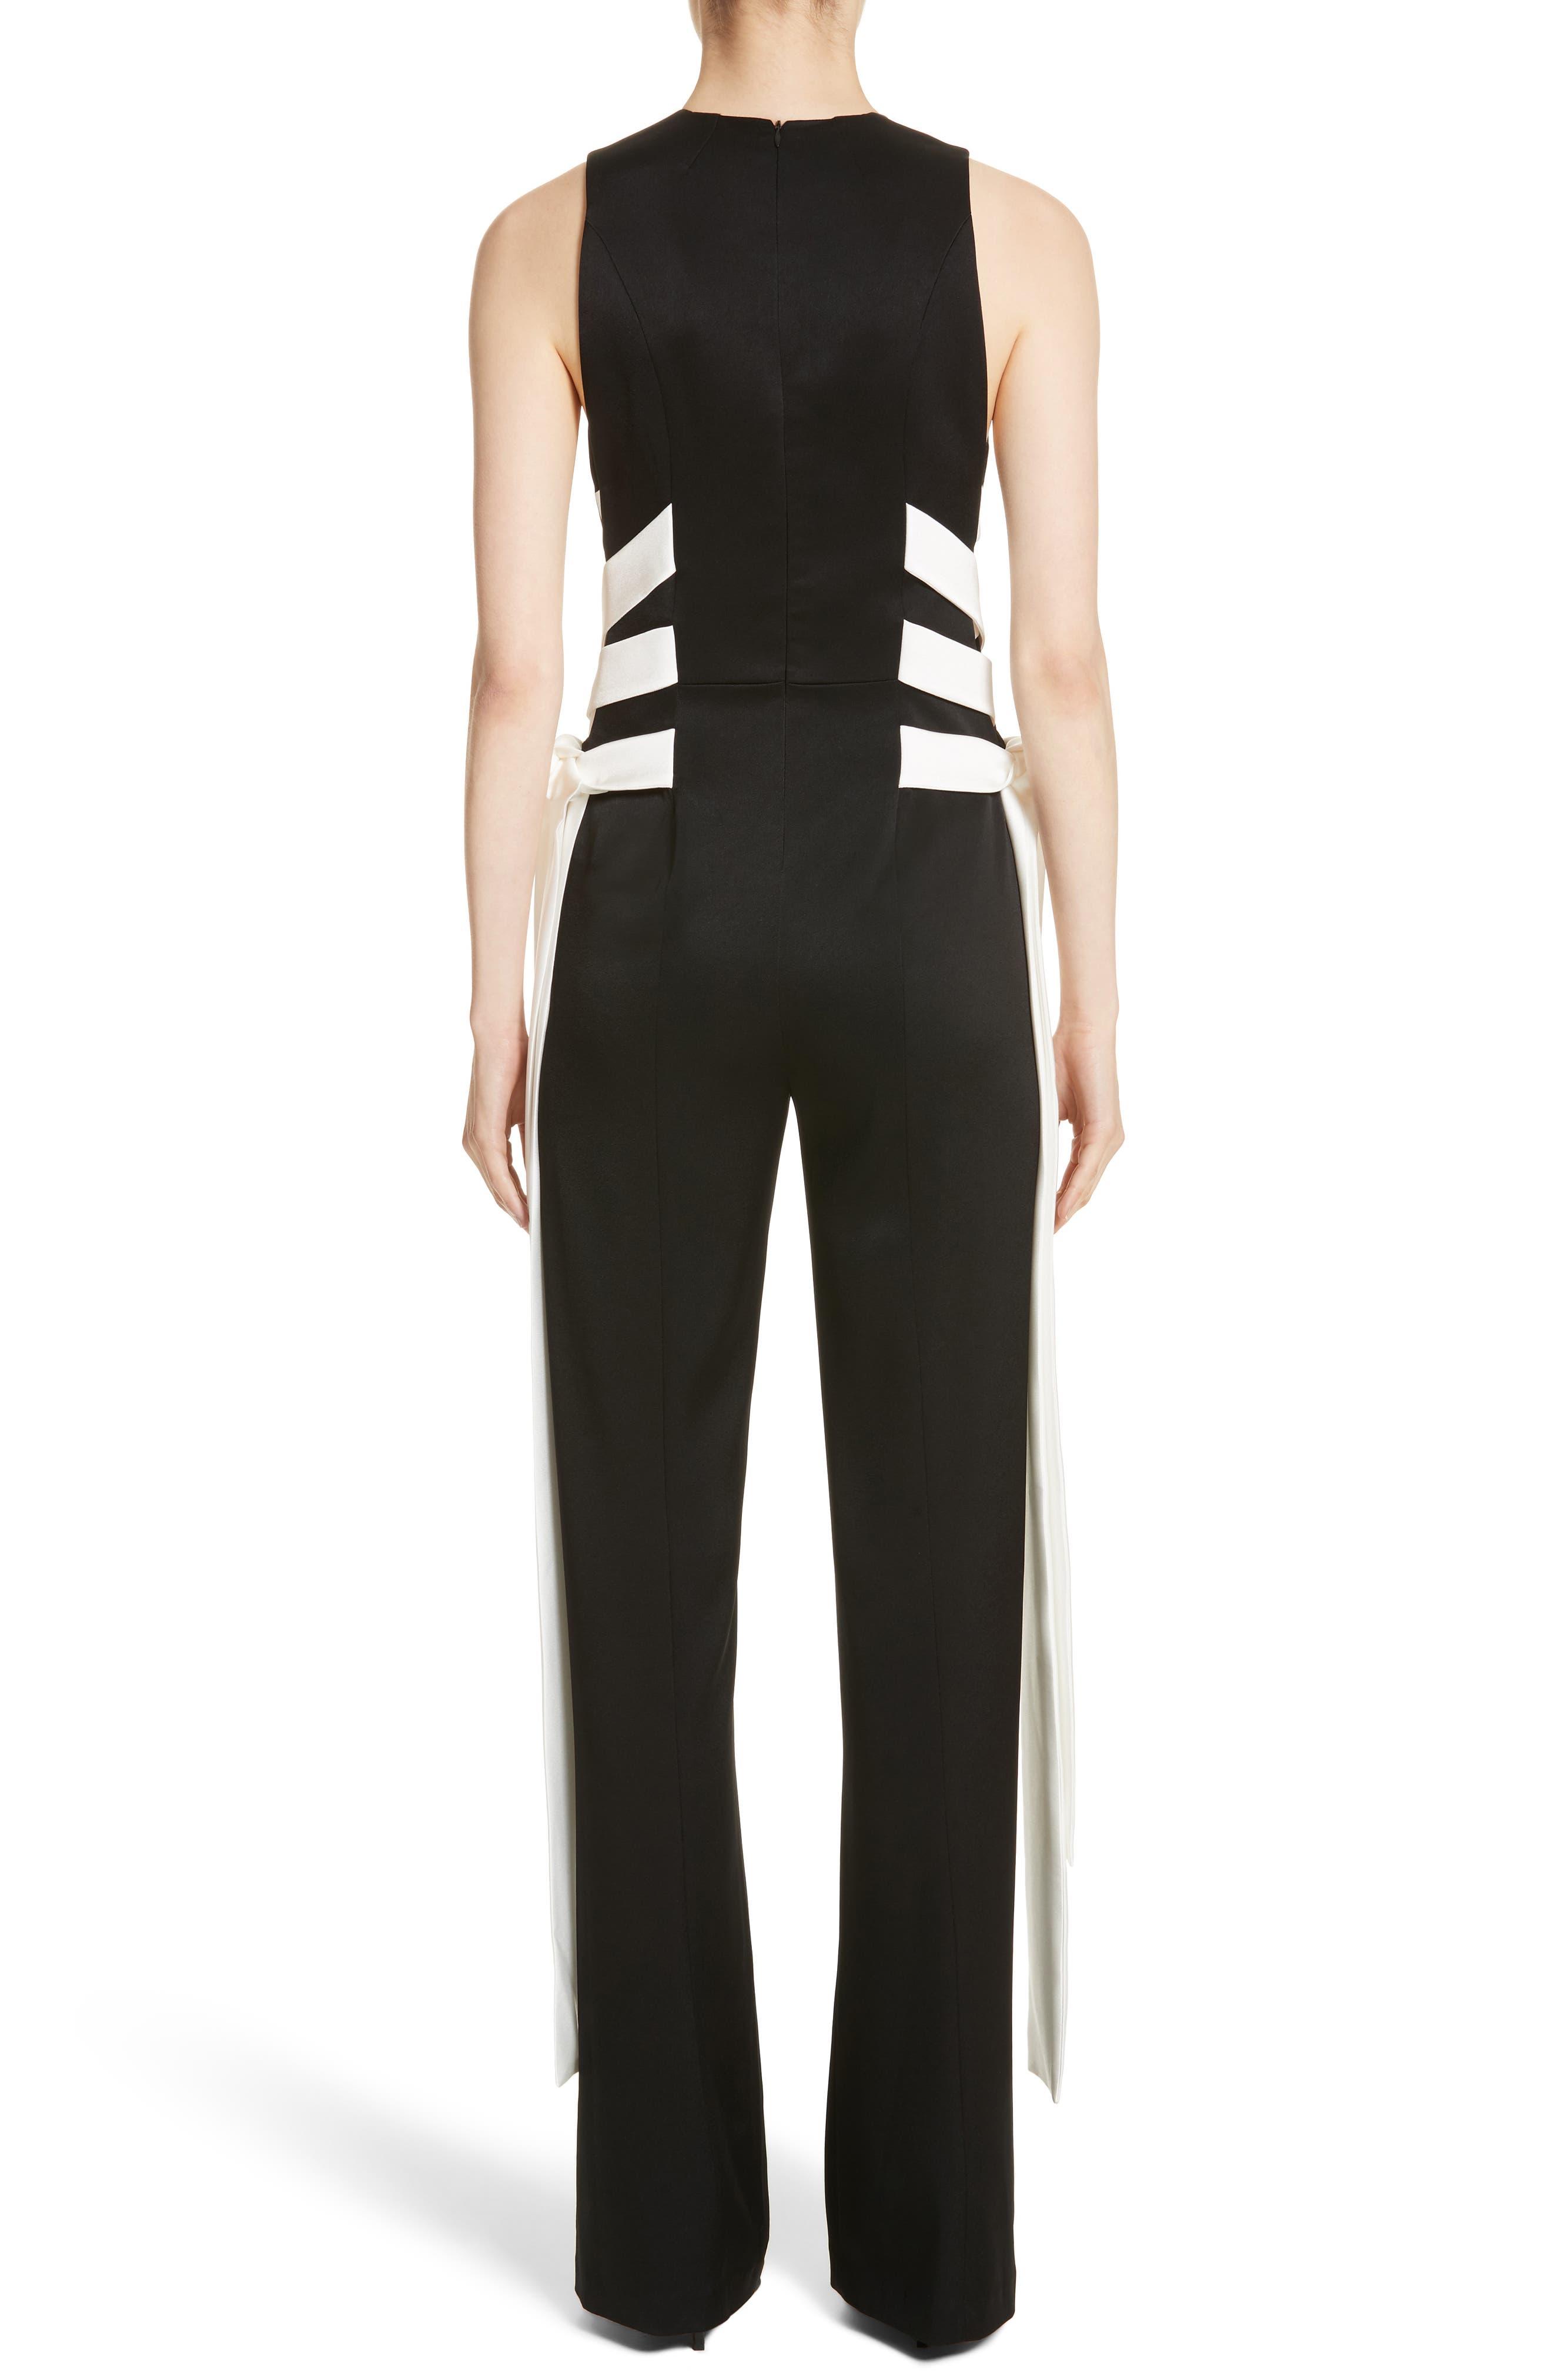 Lace Up Satin Crepe Jumpsuit,                             Alternate thumbnail 2, color,                             Black W/ White Lacings